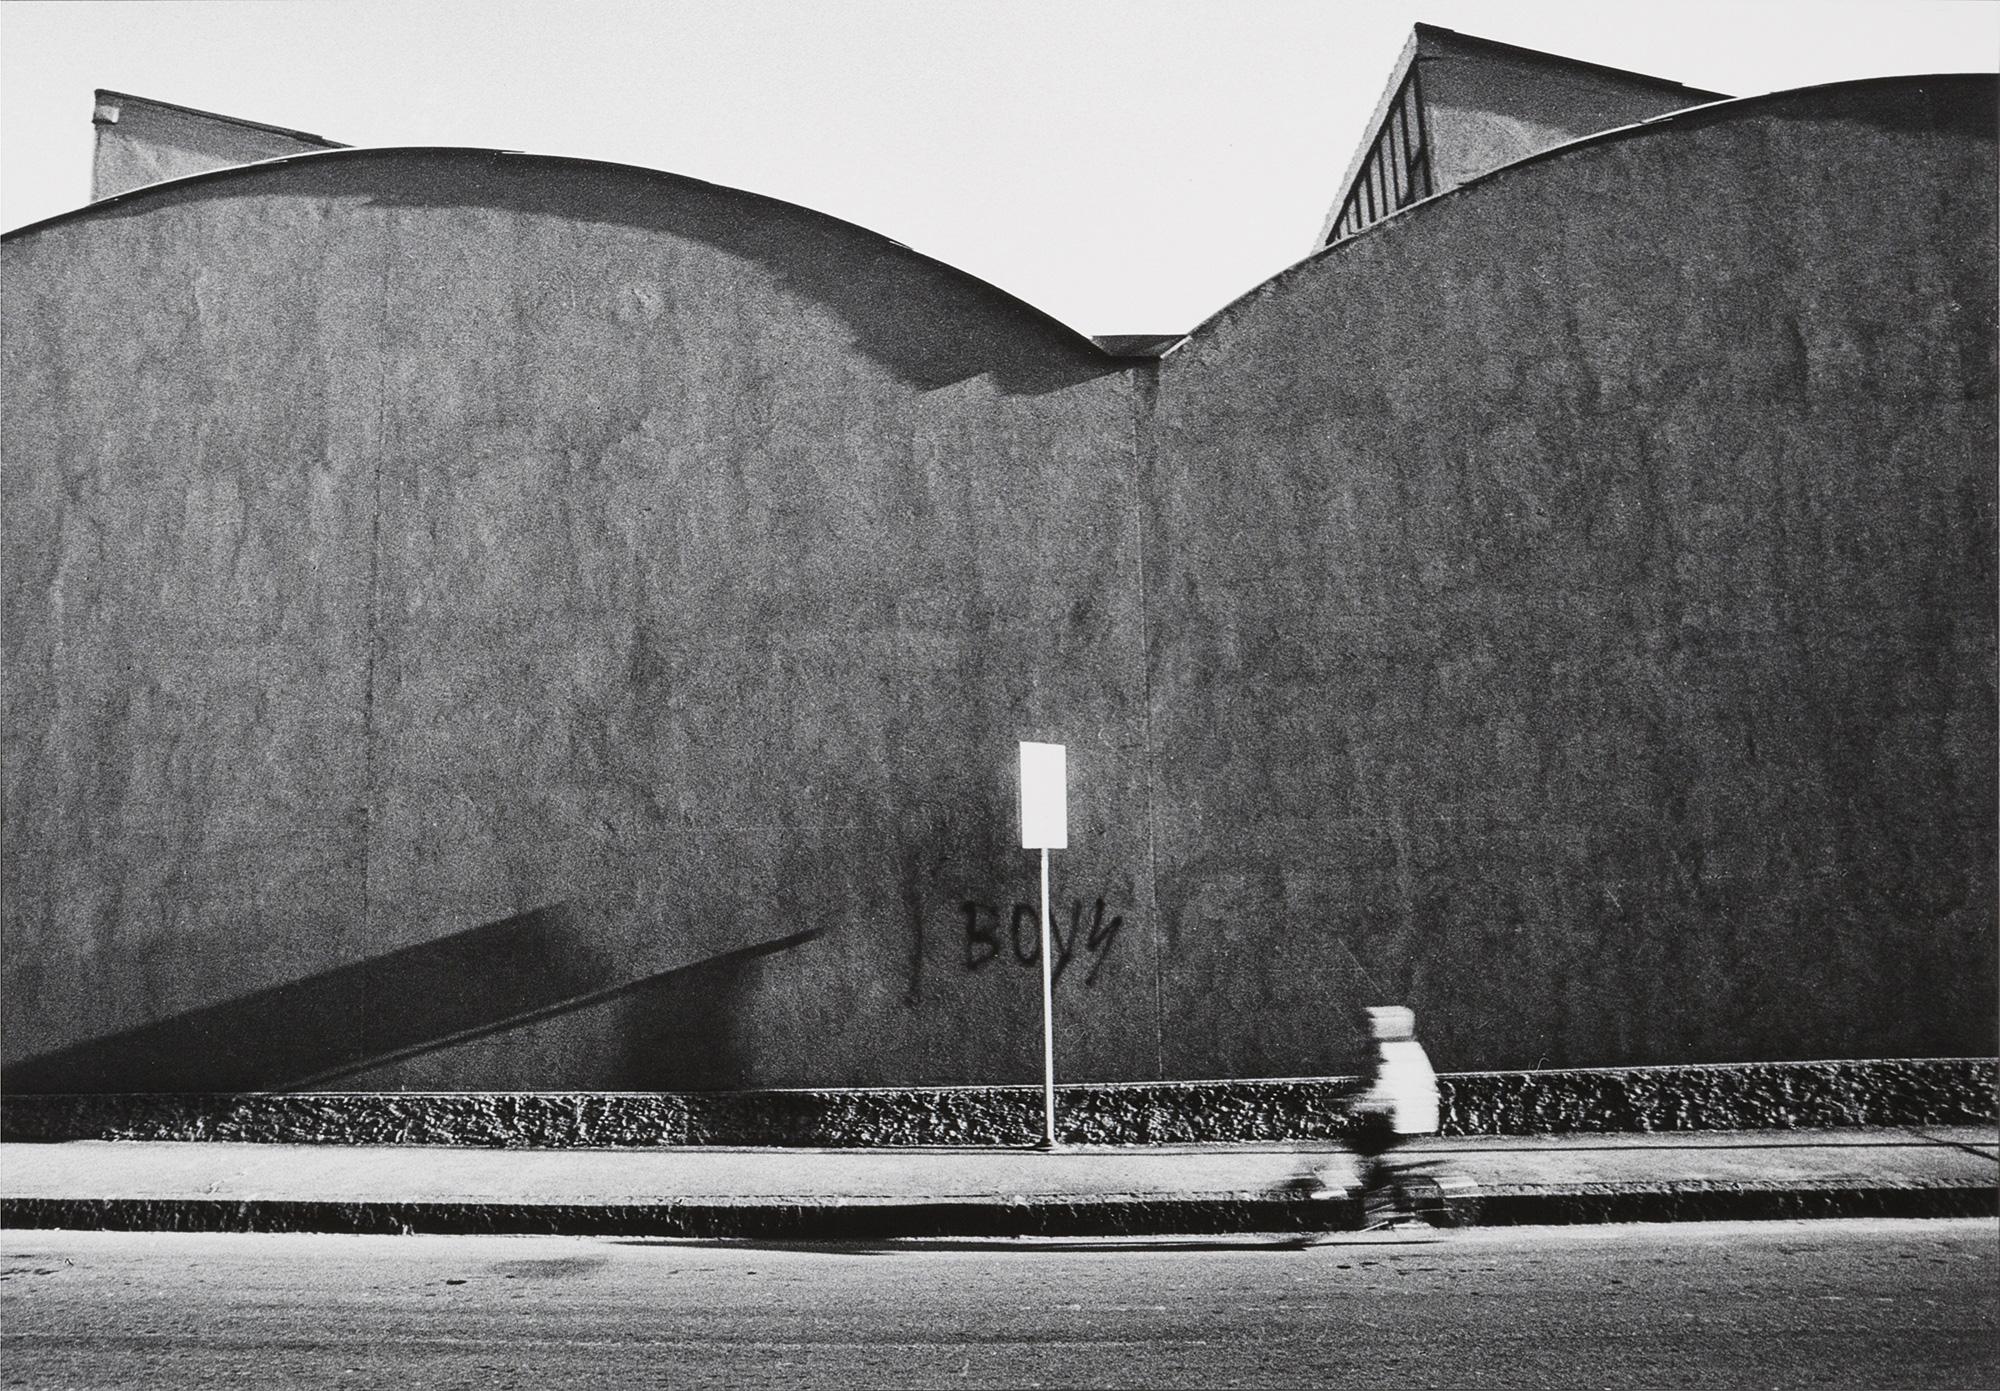 Sesto San Giovanni, profili di fabbriche, ca. 1970